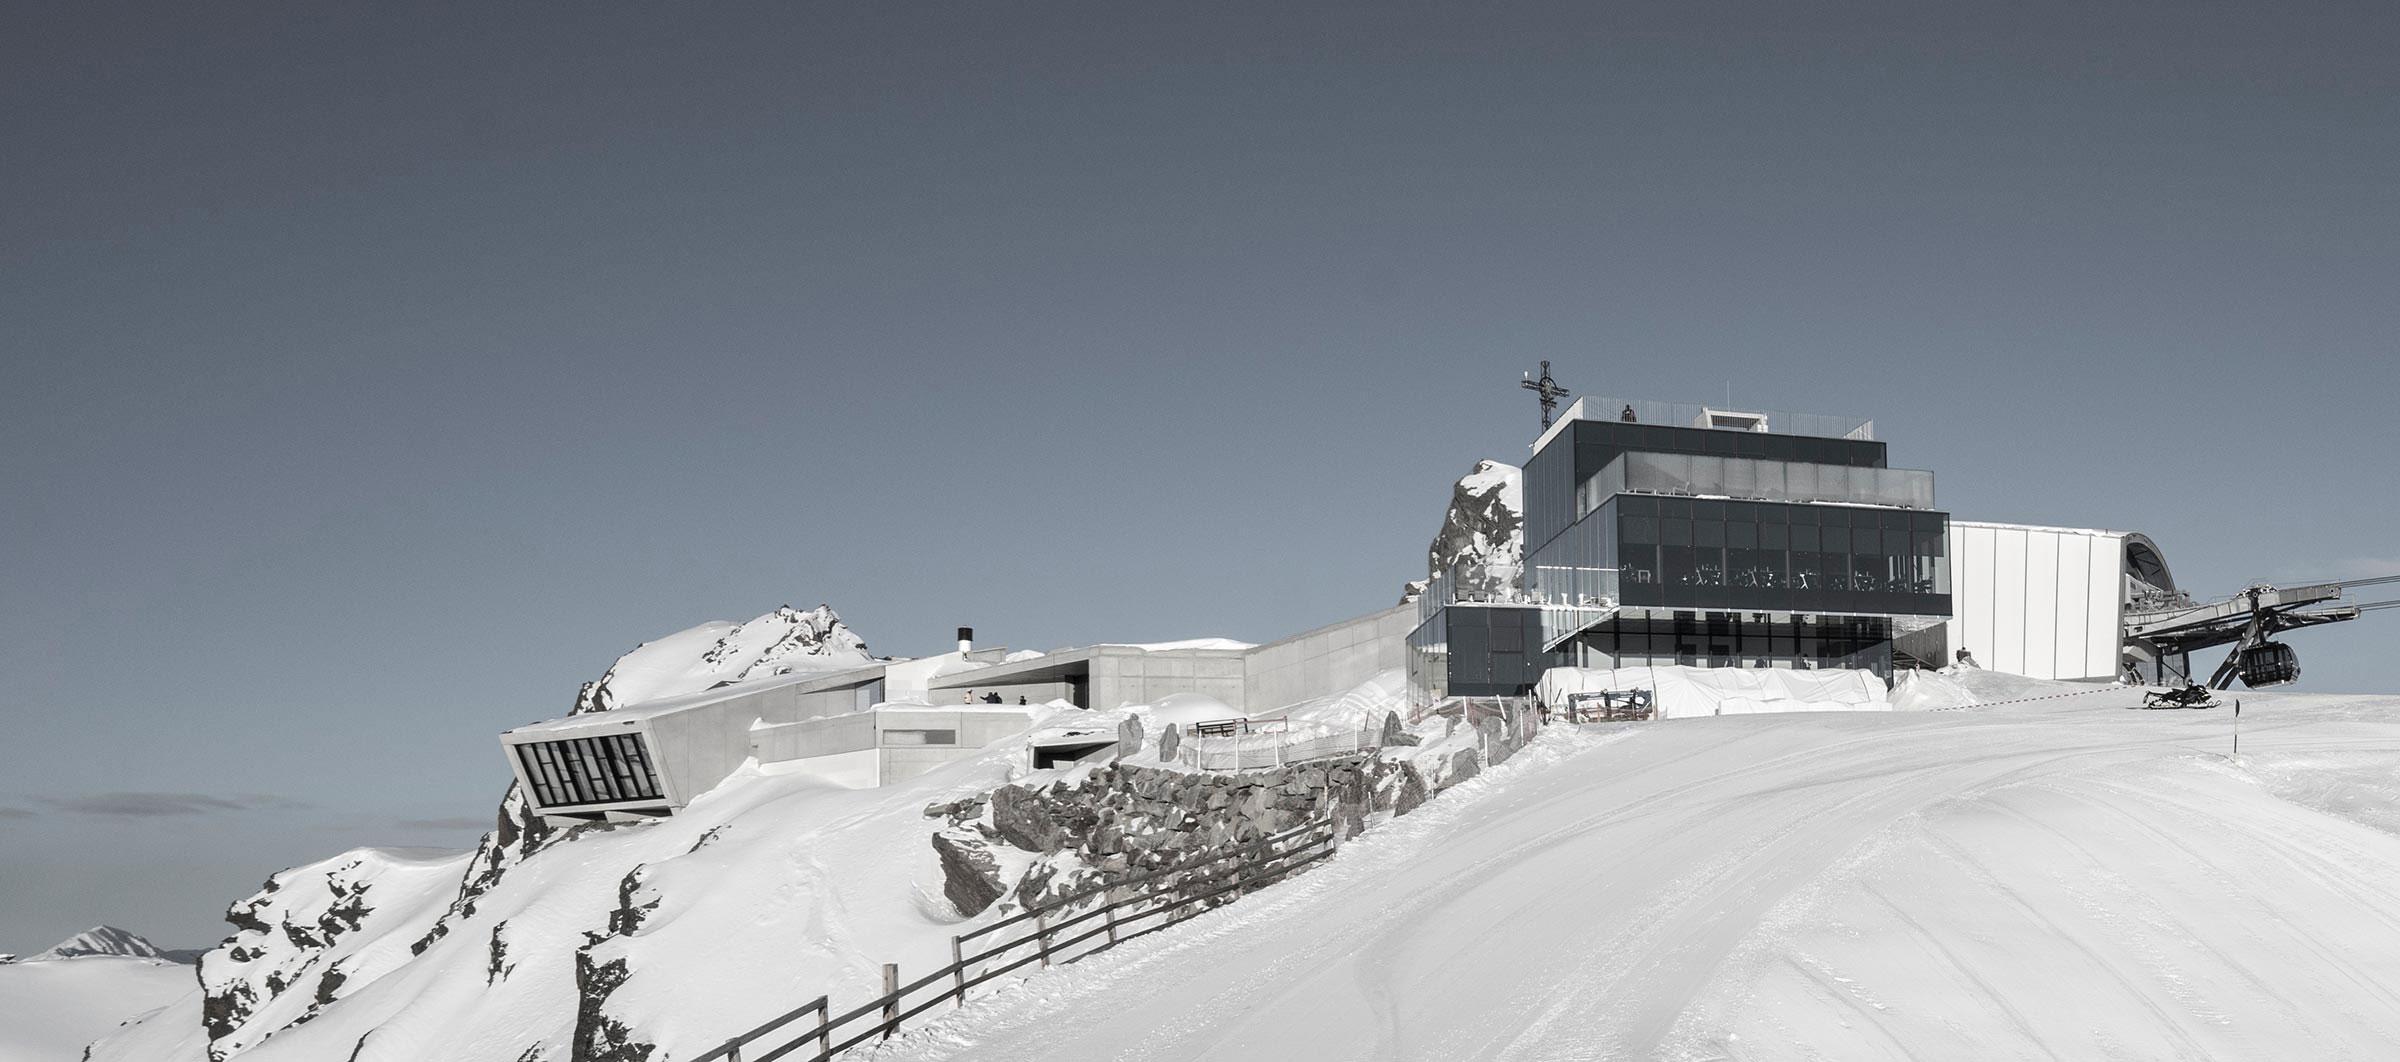 Vista del exterior. 007 ELEMENTS. Museo de James Bond por Johann Obermoser. Fotografía por Christoph Noesig, 007 ELEMENTS